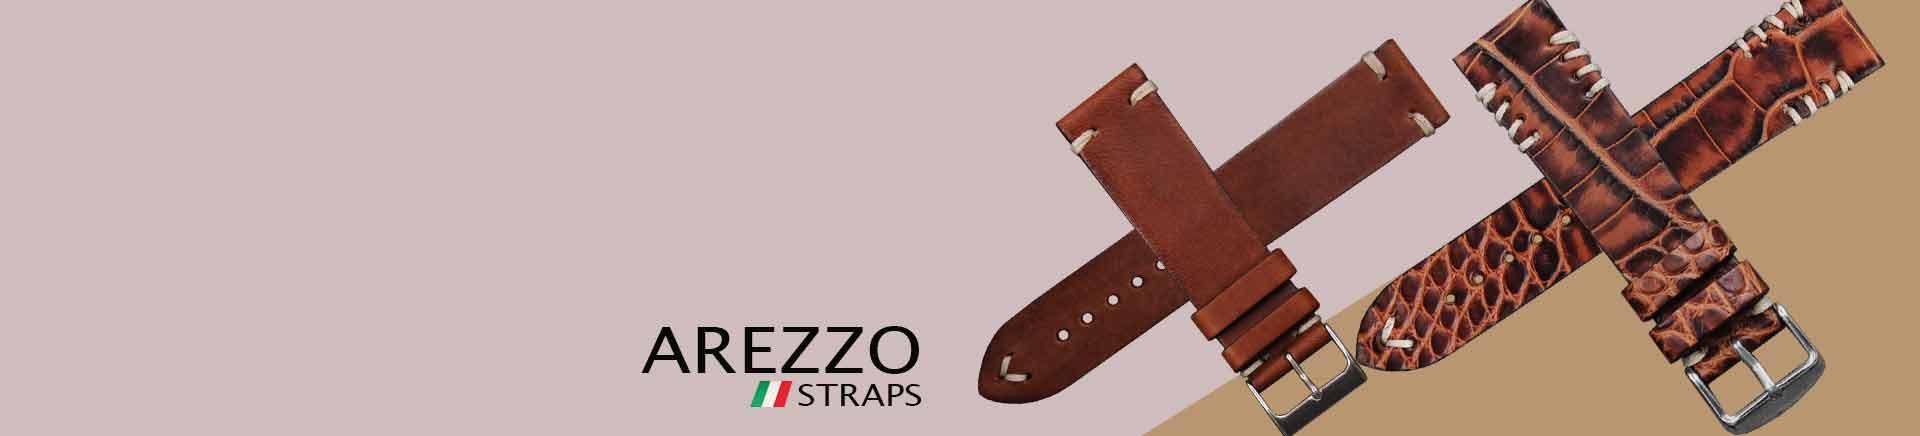 Arezzo straps for Panerai